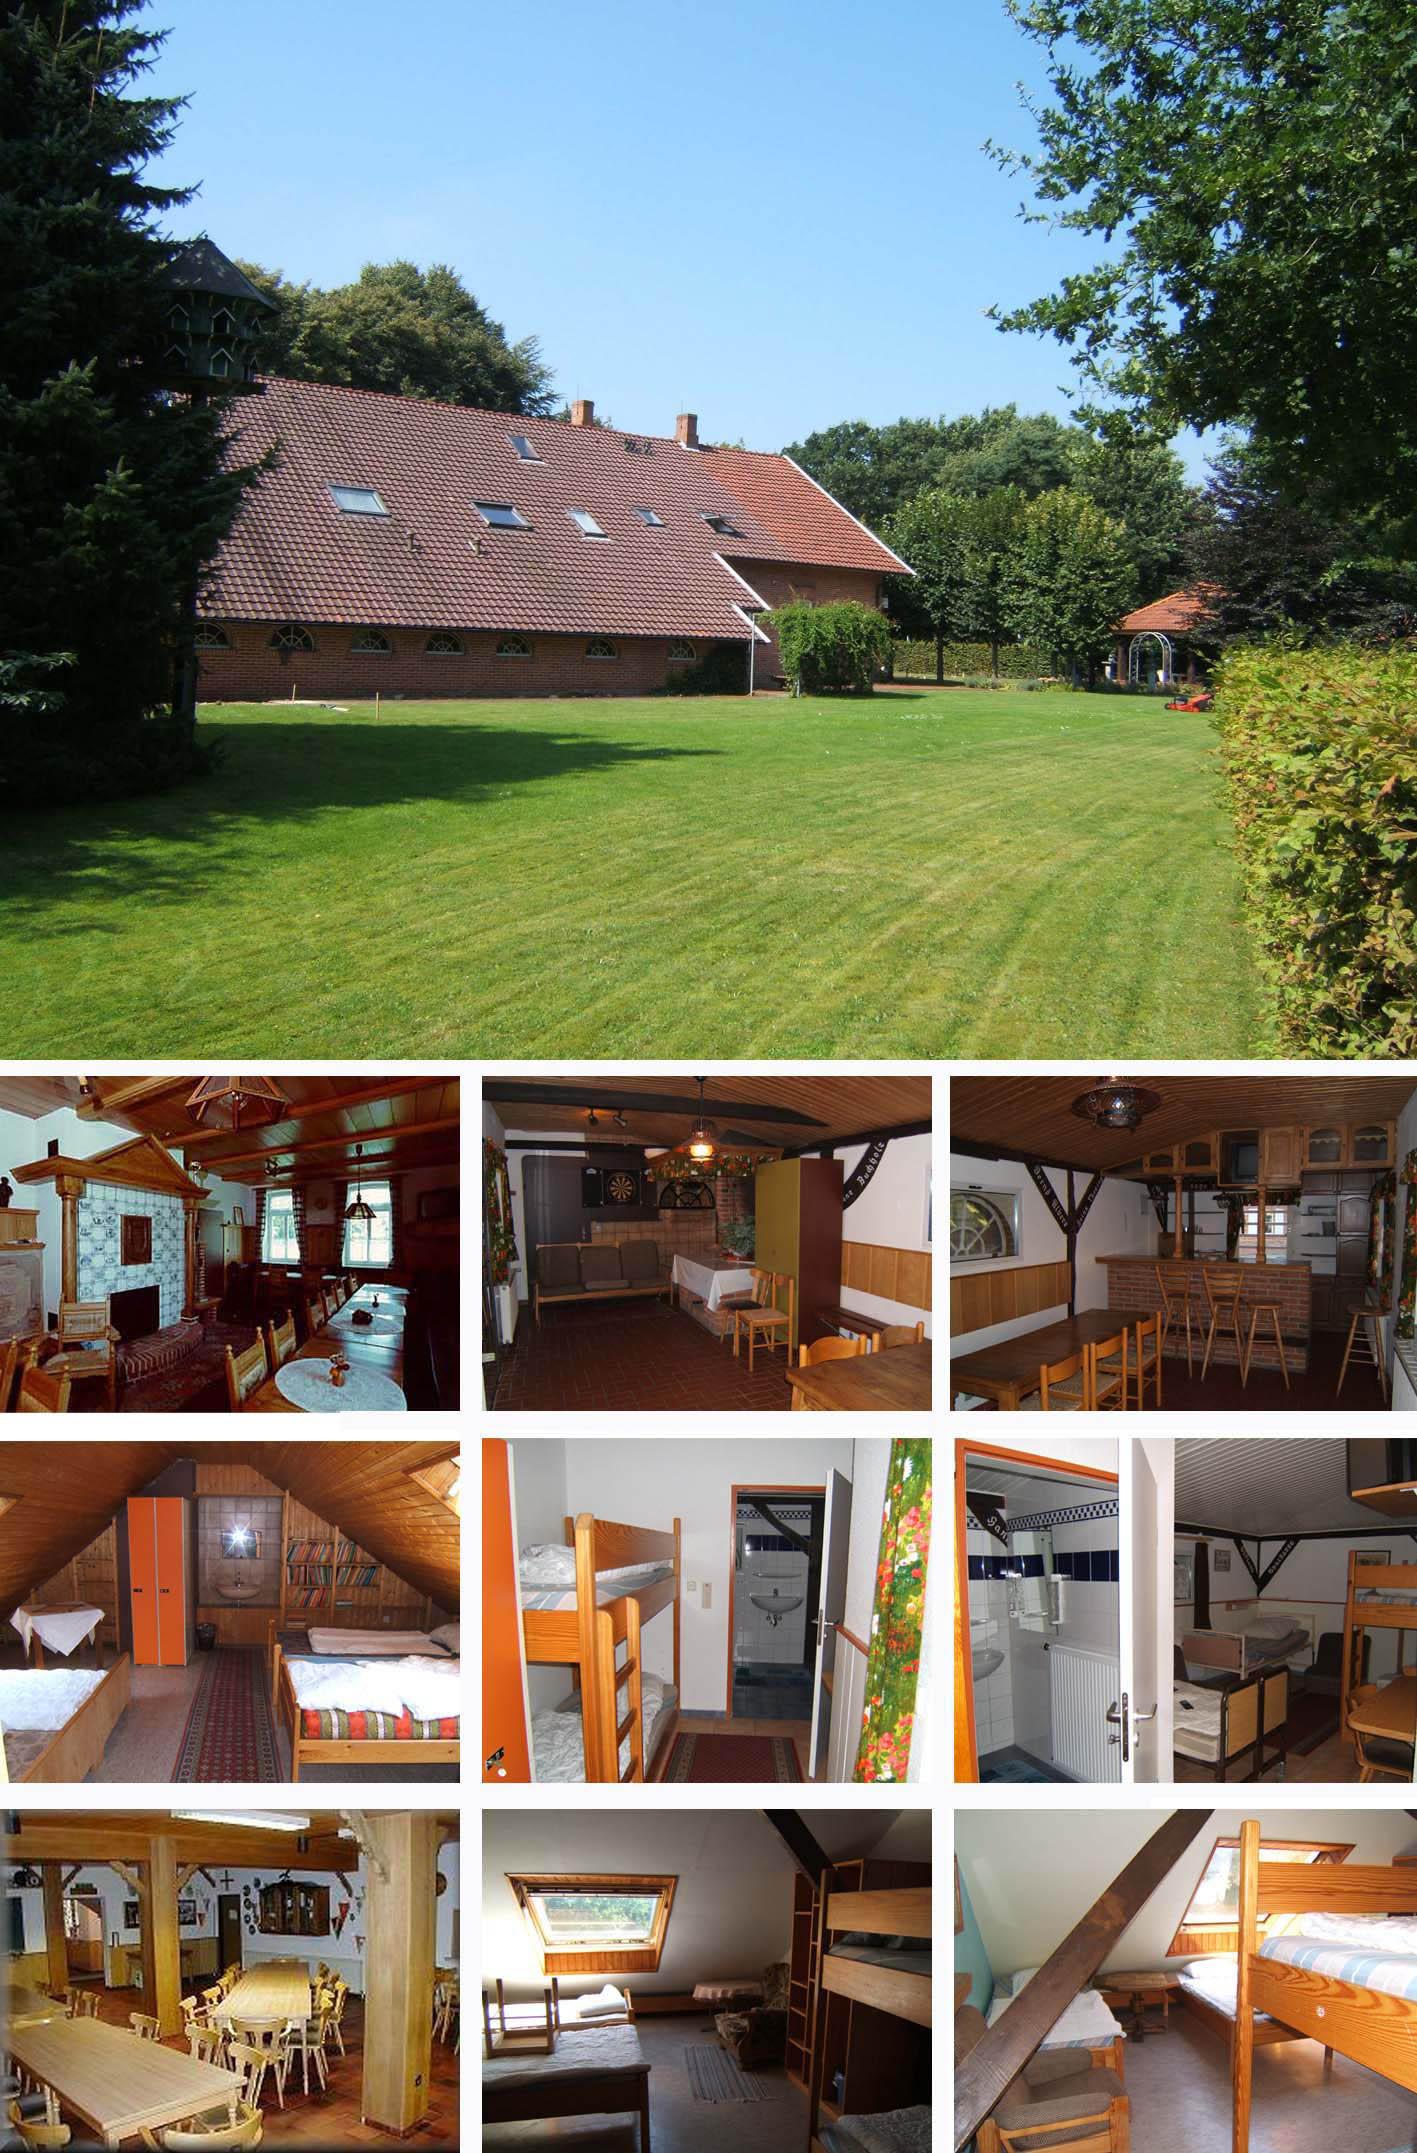 Groepsaccommodatie Stadskanaal Groningen   huis 43 personen met sauna